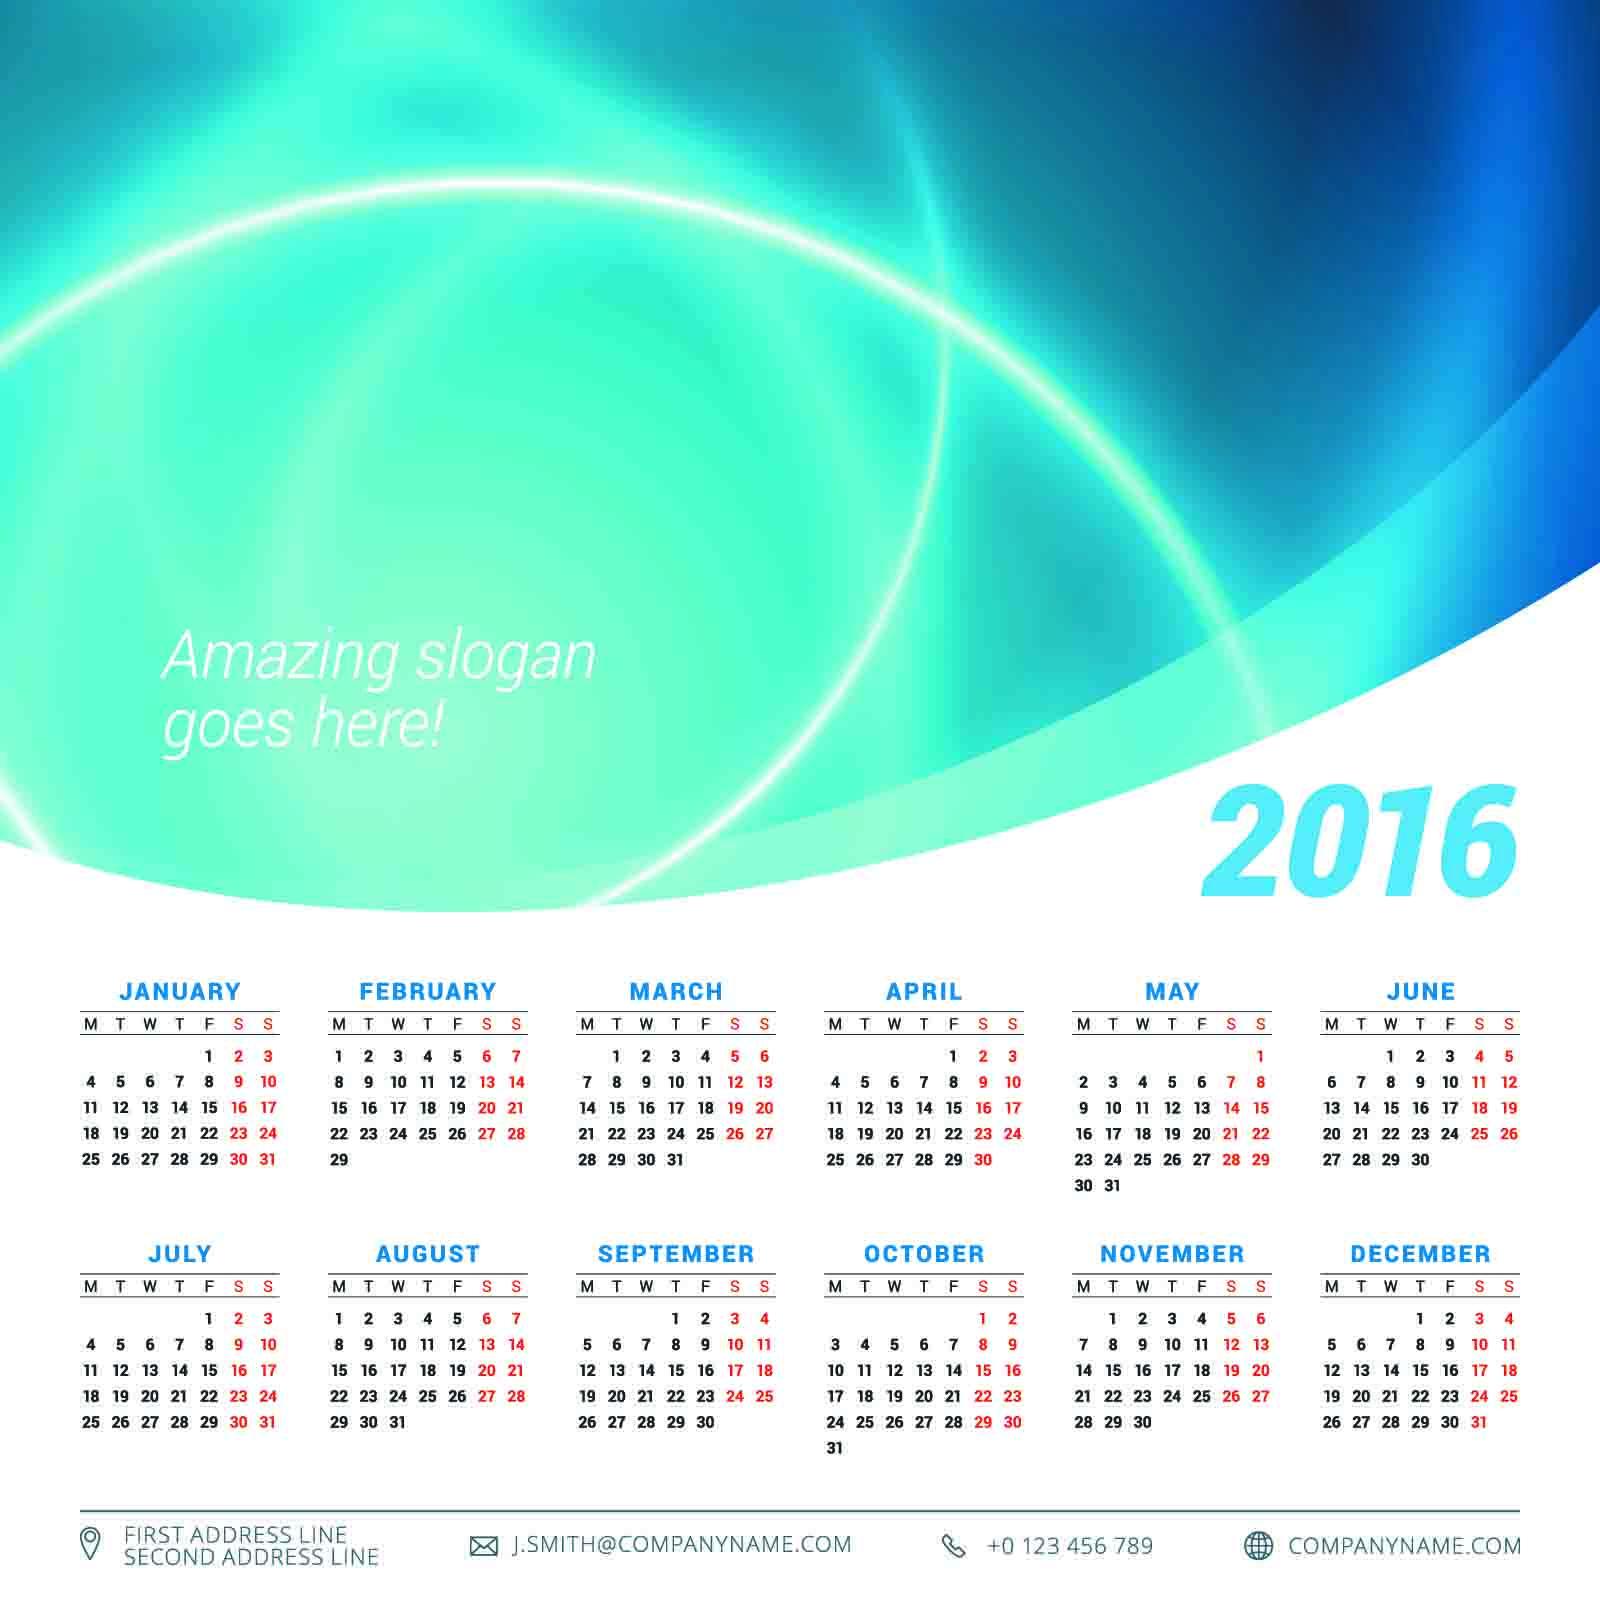 カレンダー カレンダー フリー 2015 : 2016カレンダー無料 ...